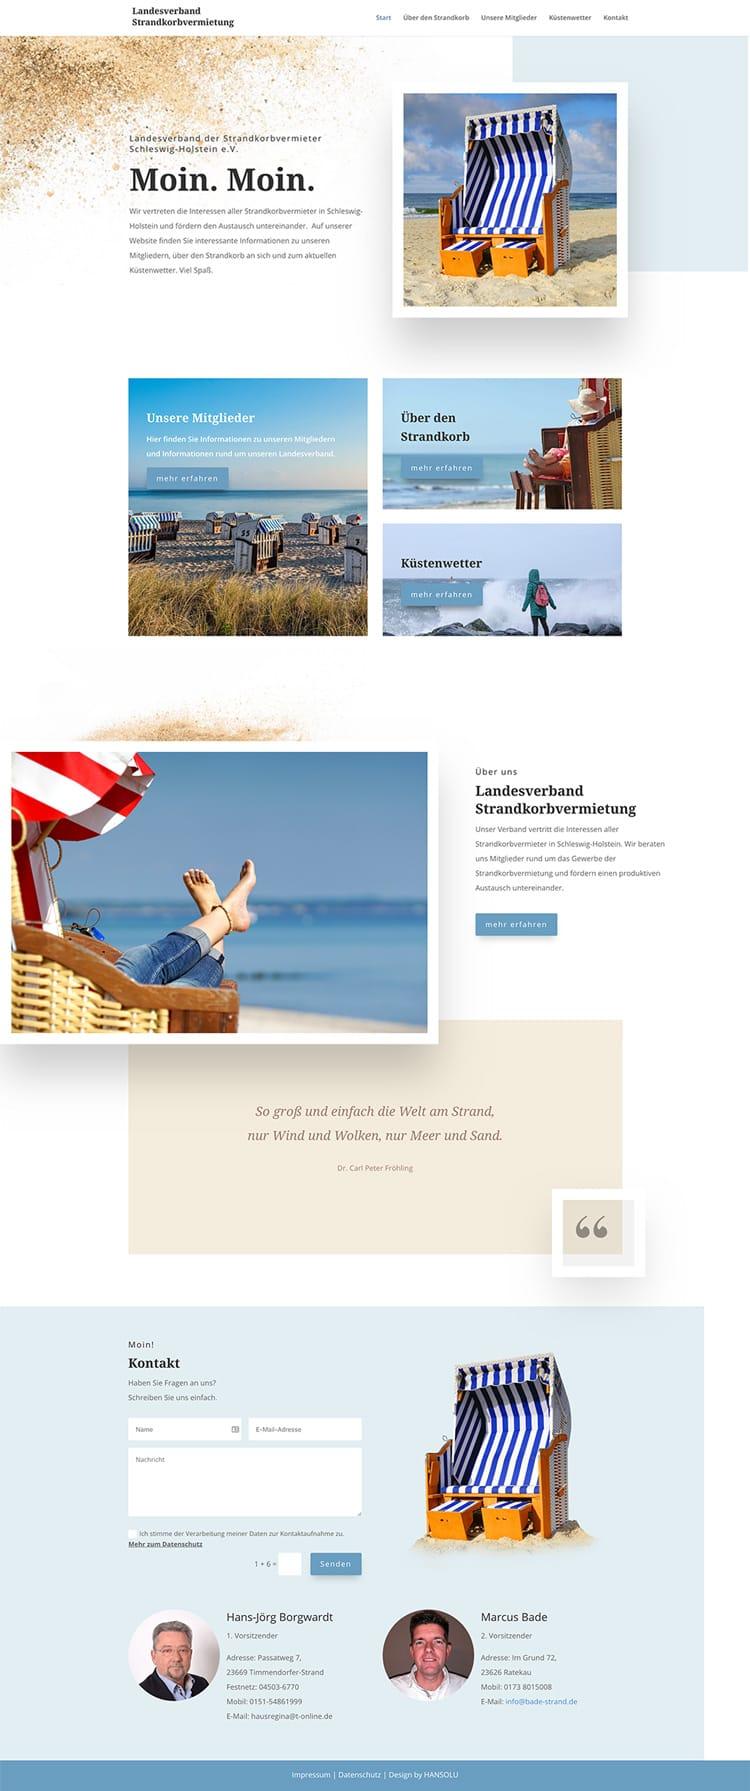 Webdesign für Vereine - LV der Strandkorbvermieter